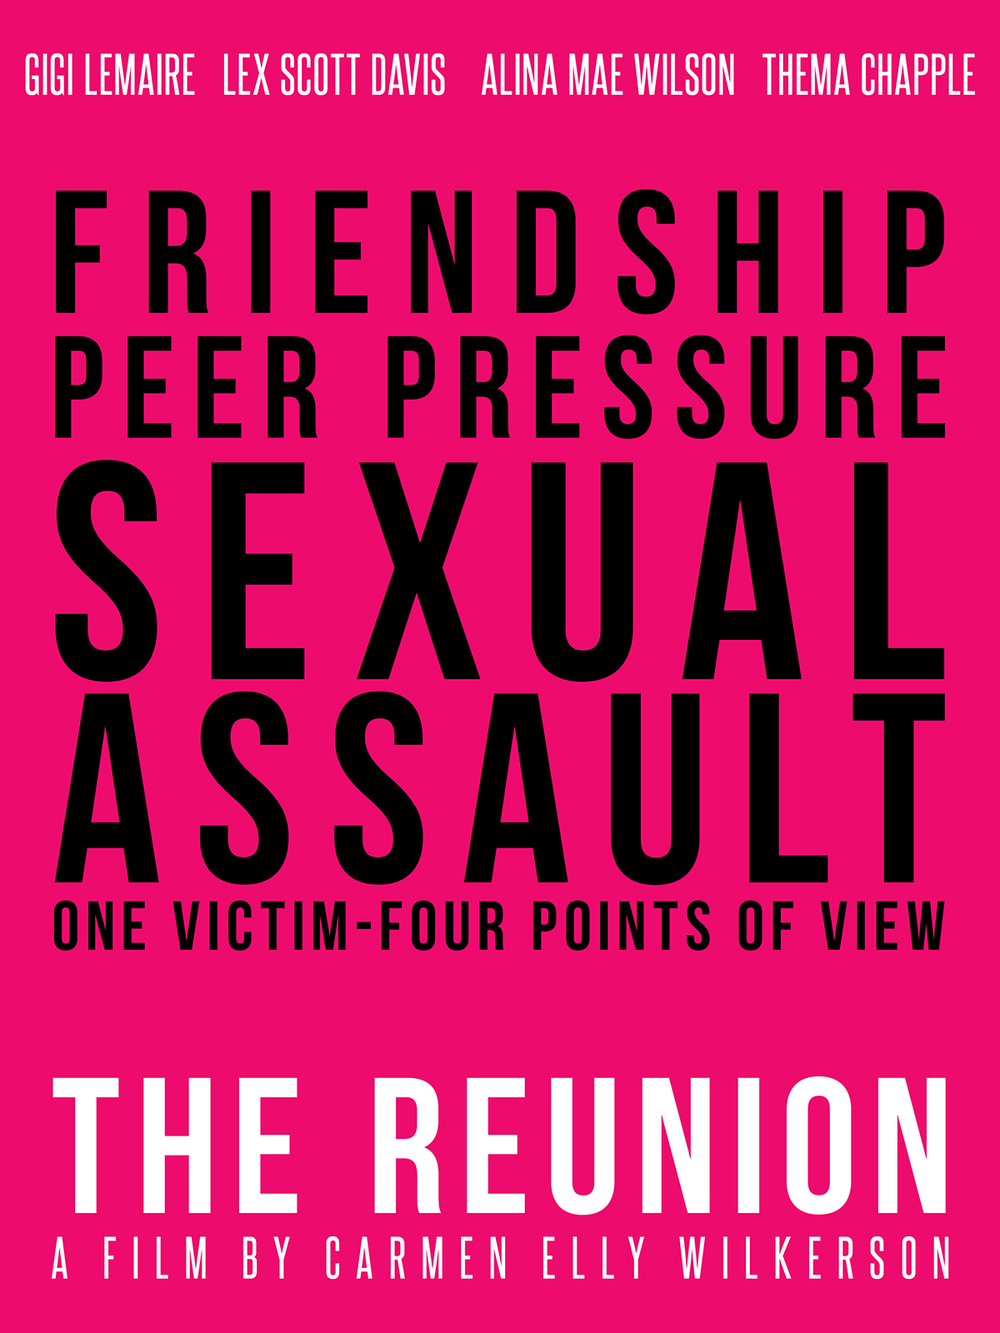 Reunion_Poster_2.jpg